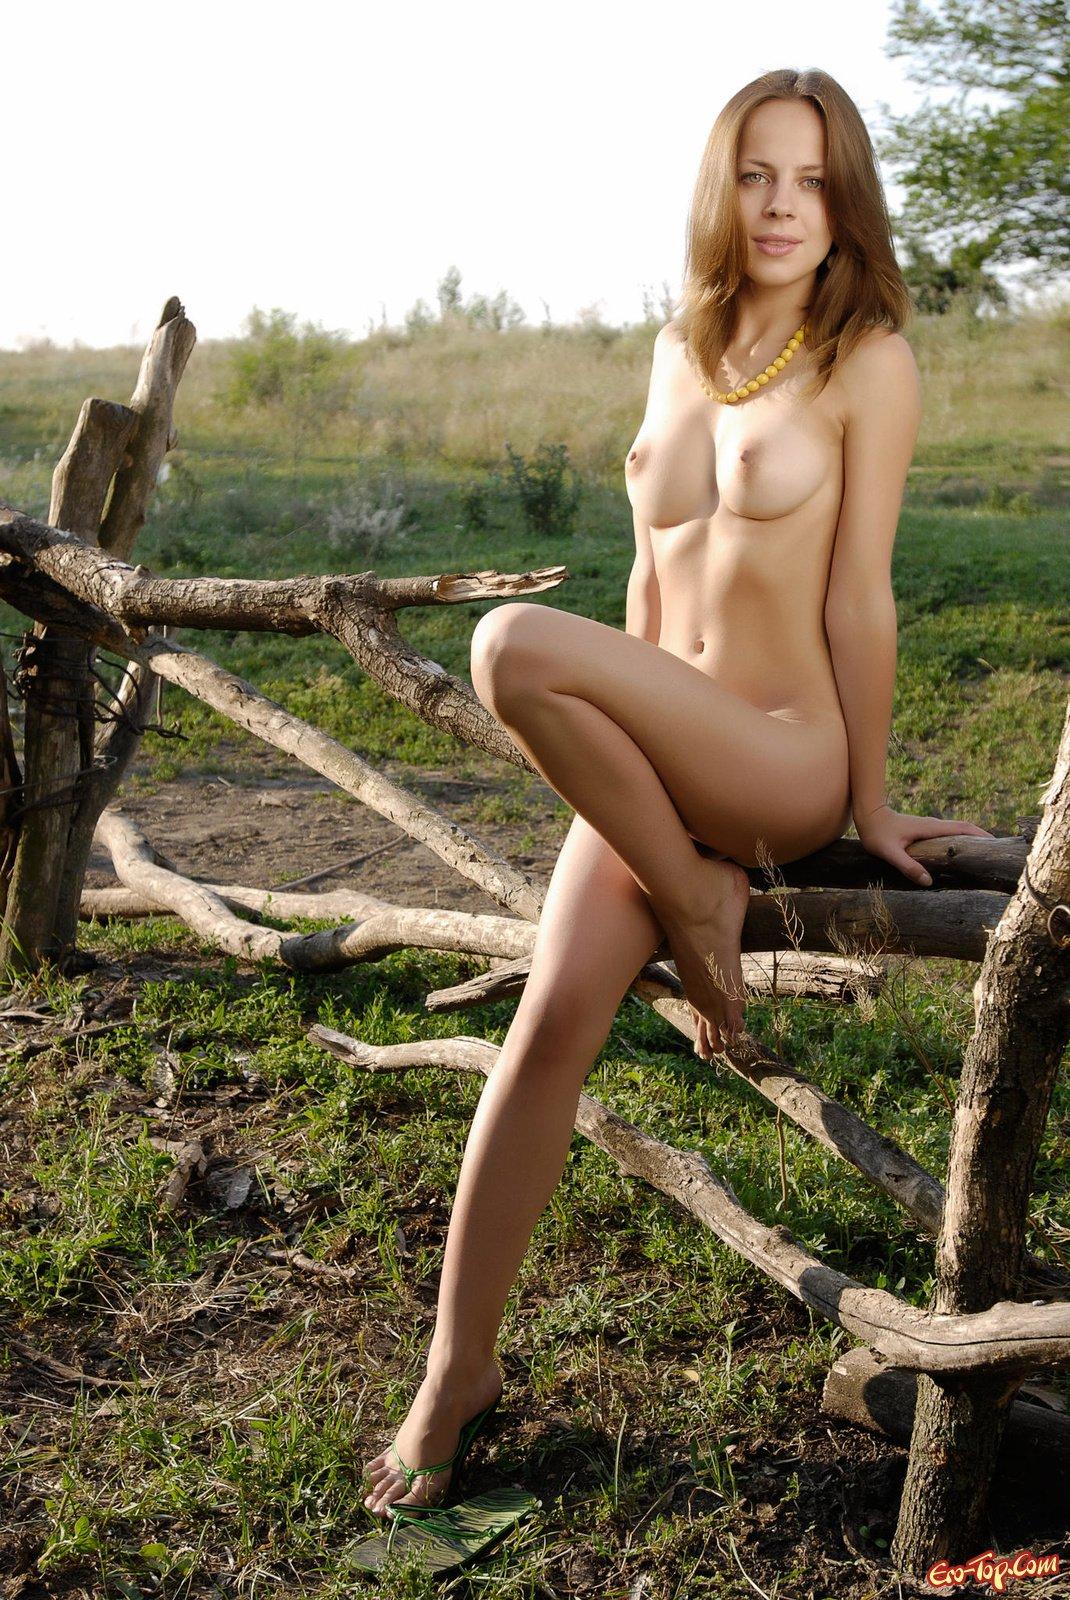 Стройная голая девушка возле окна 6 фото